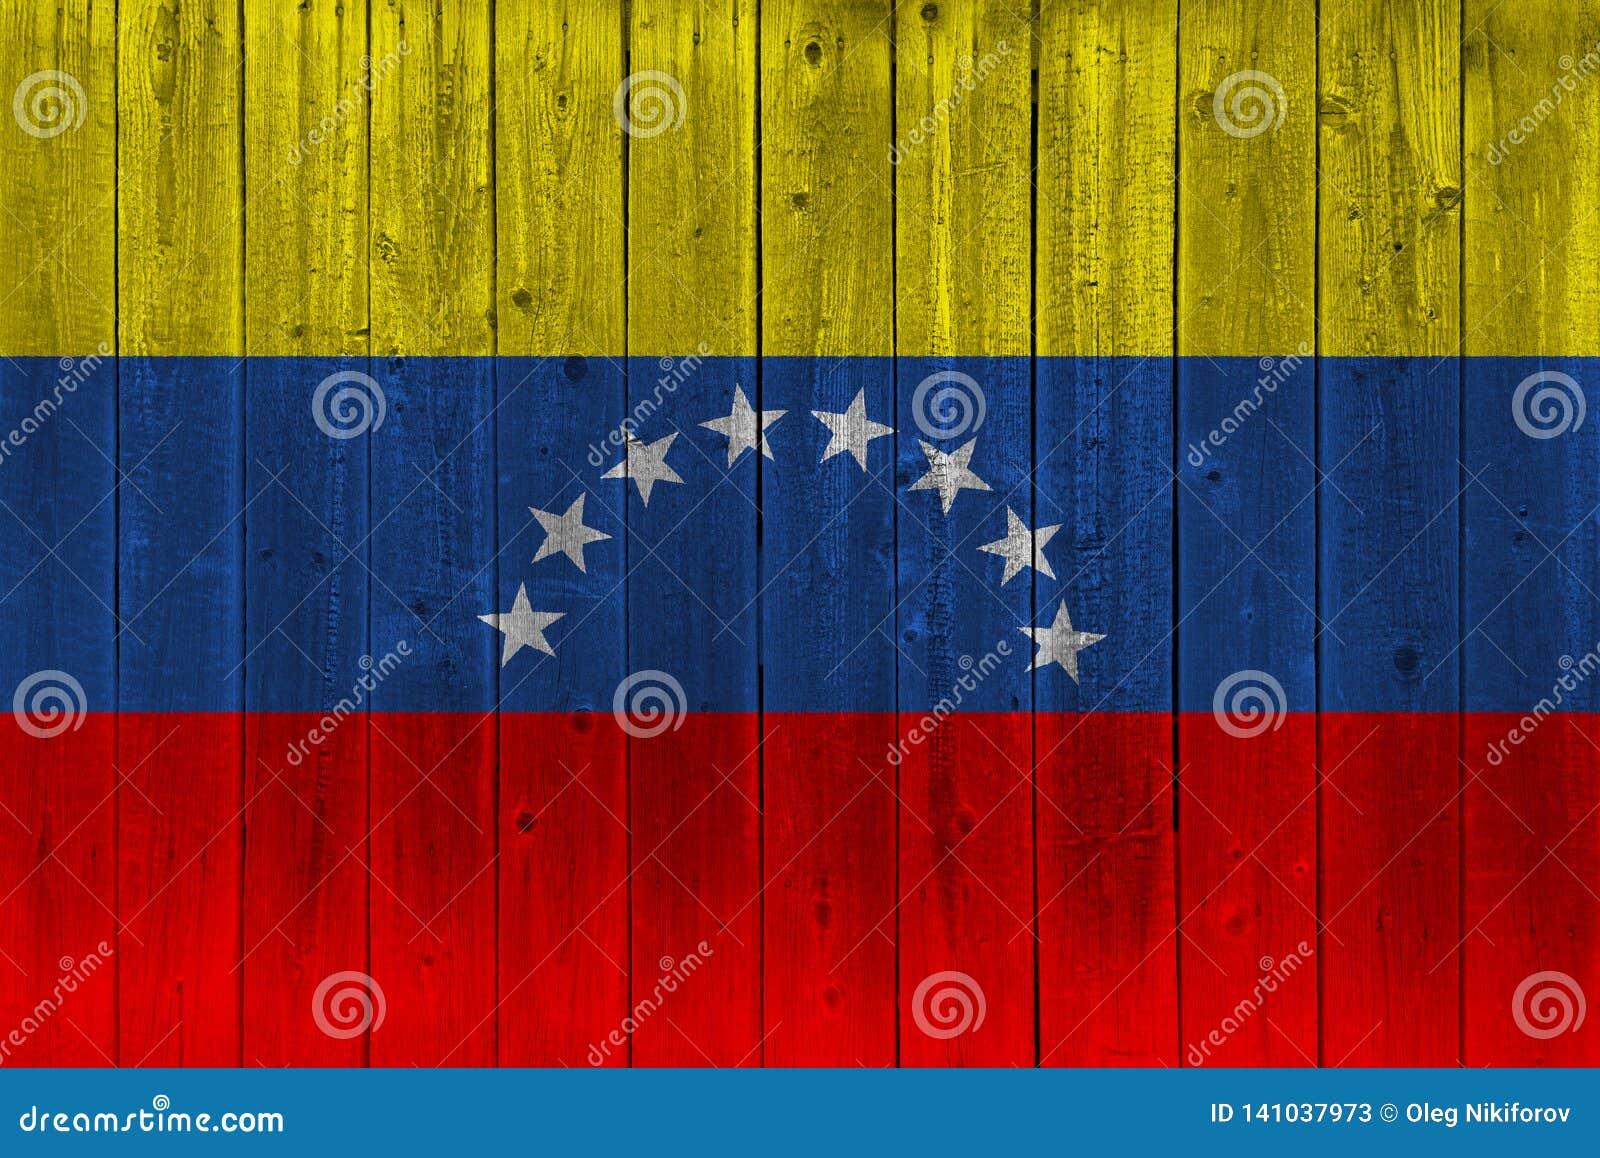 Venezuela flag painted on old wood plank